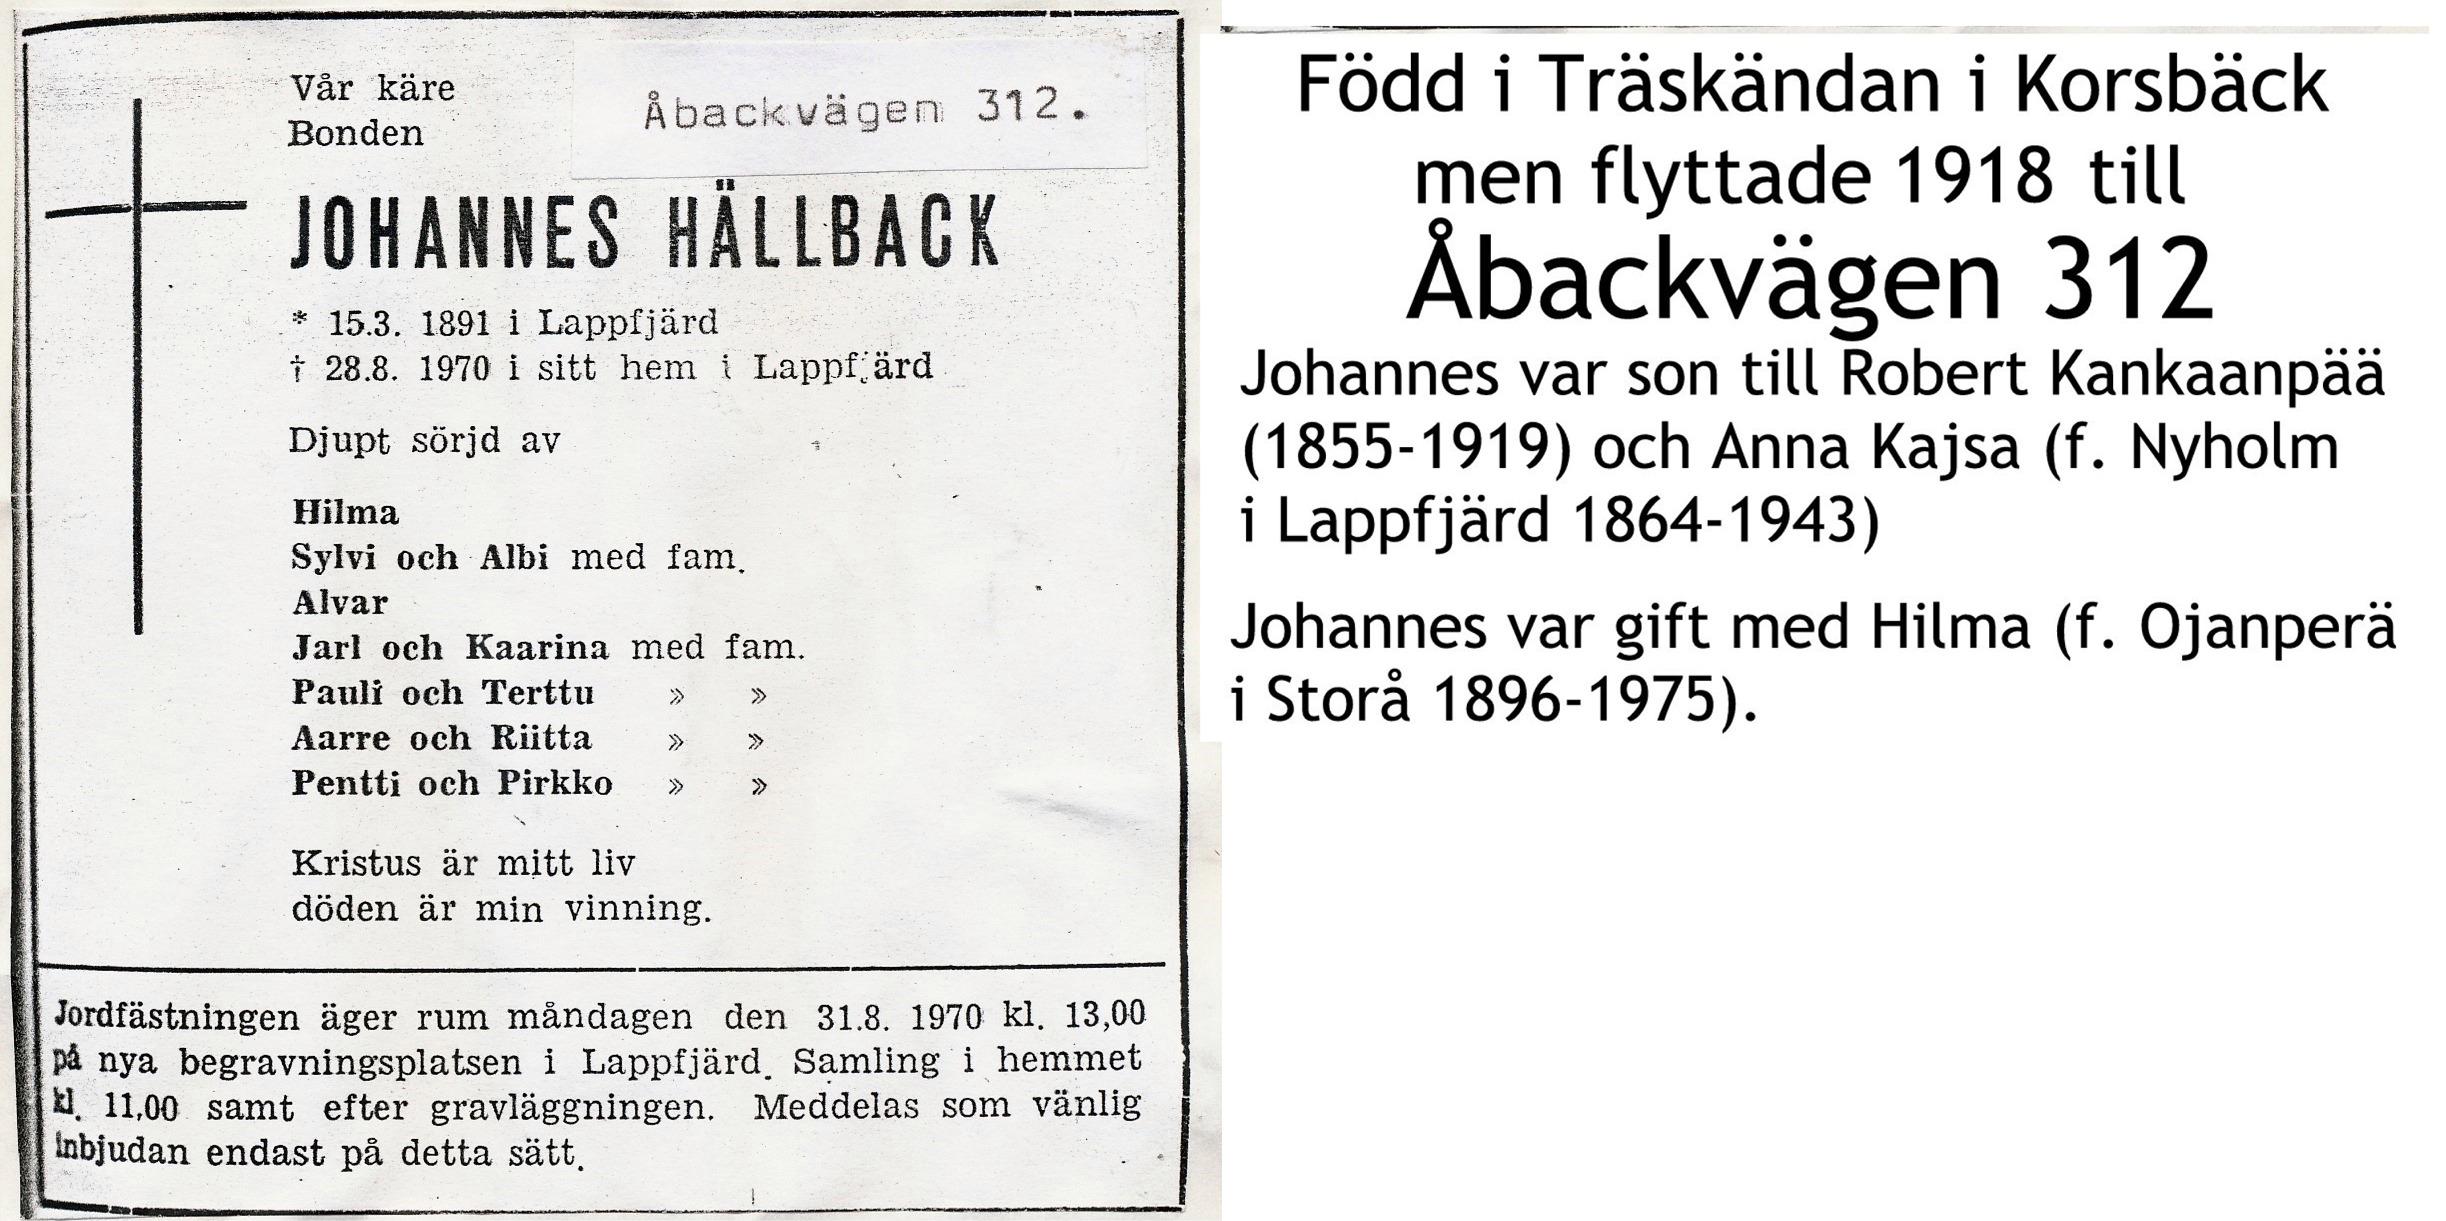 Hällback Johannes